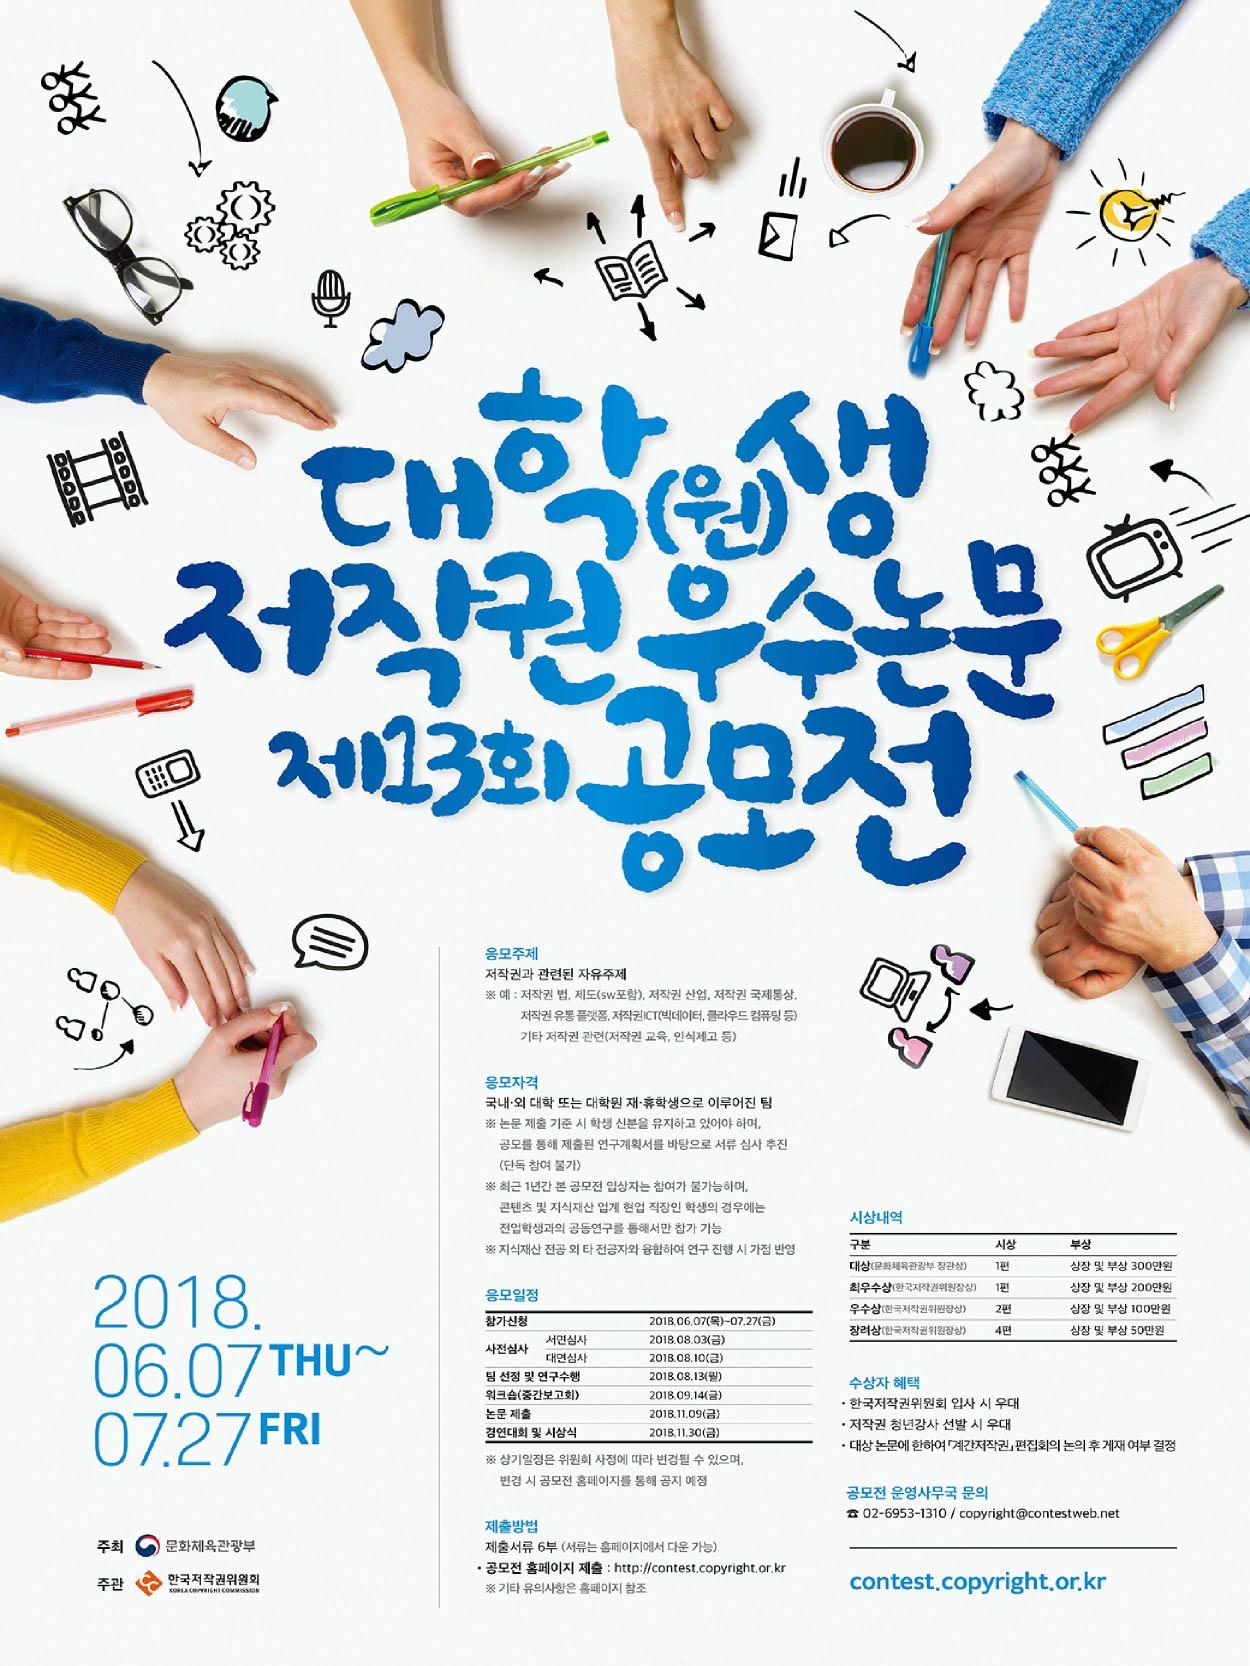 제 13회 대학(원)생 저작권 우수논문 공모전